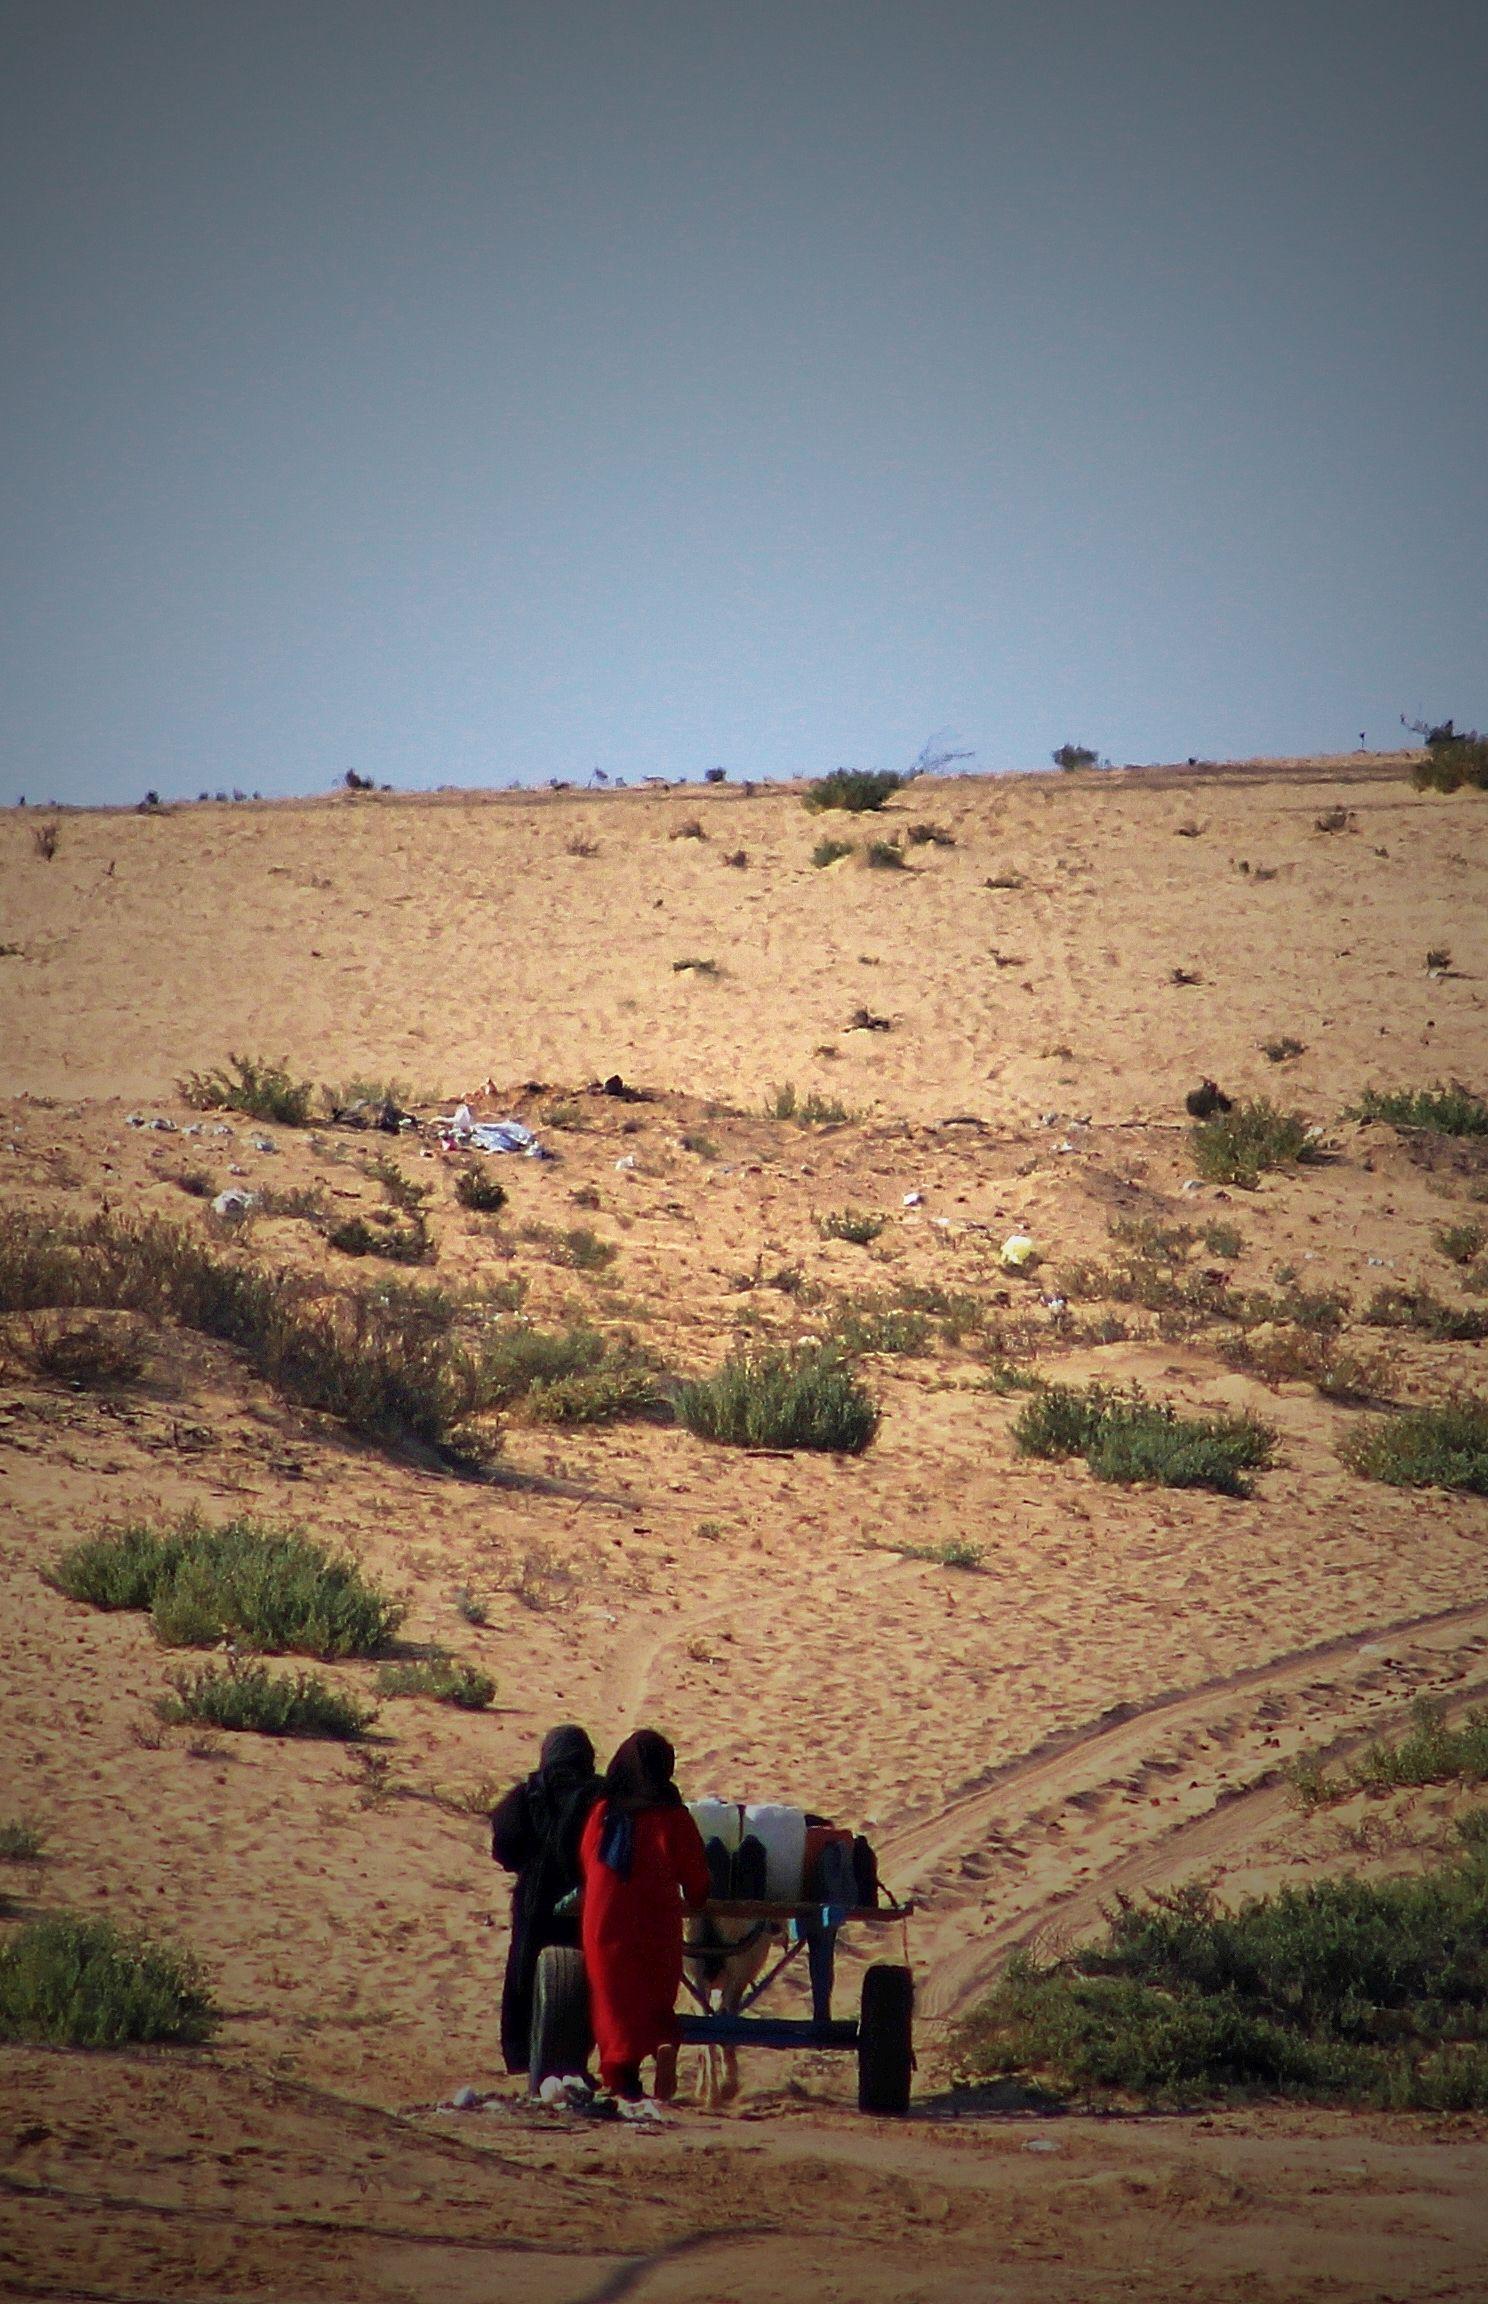 الى شمال سيناء والرزق يحلوا تصويرى Monument Valley Natural Landmarks Landmarks